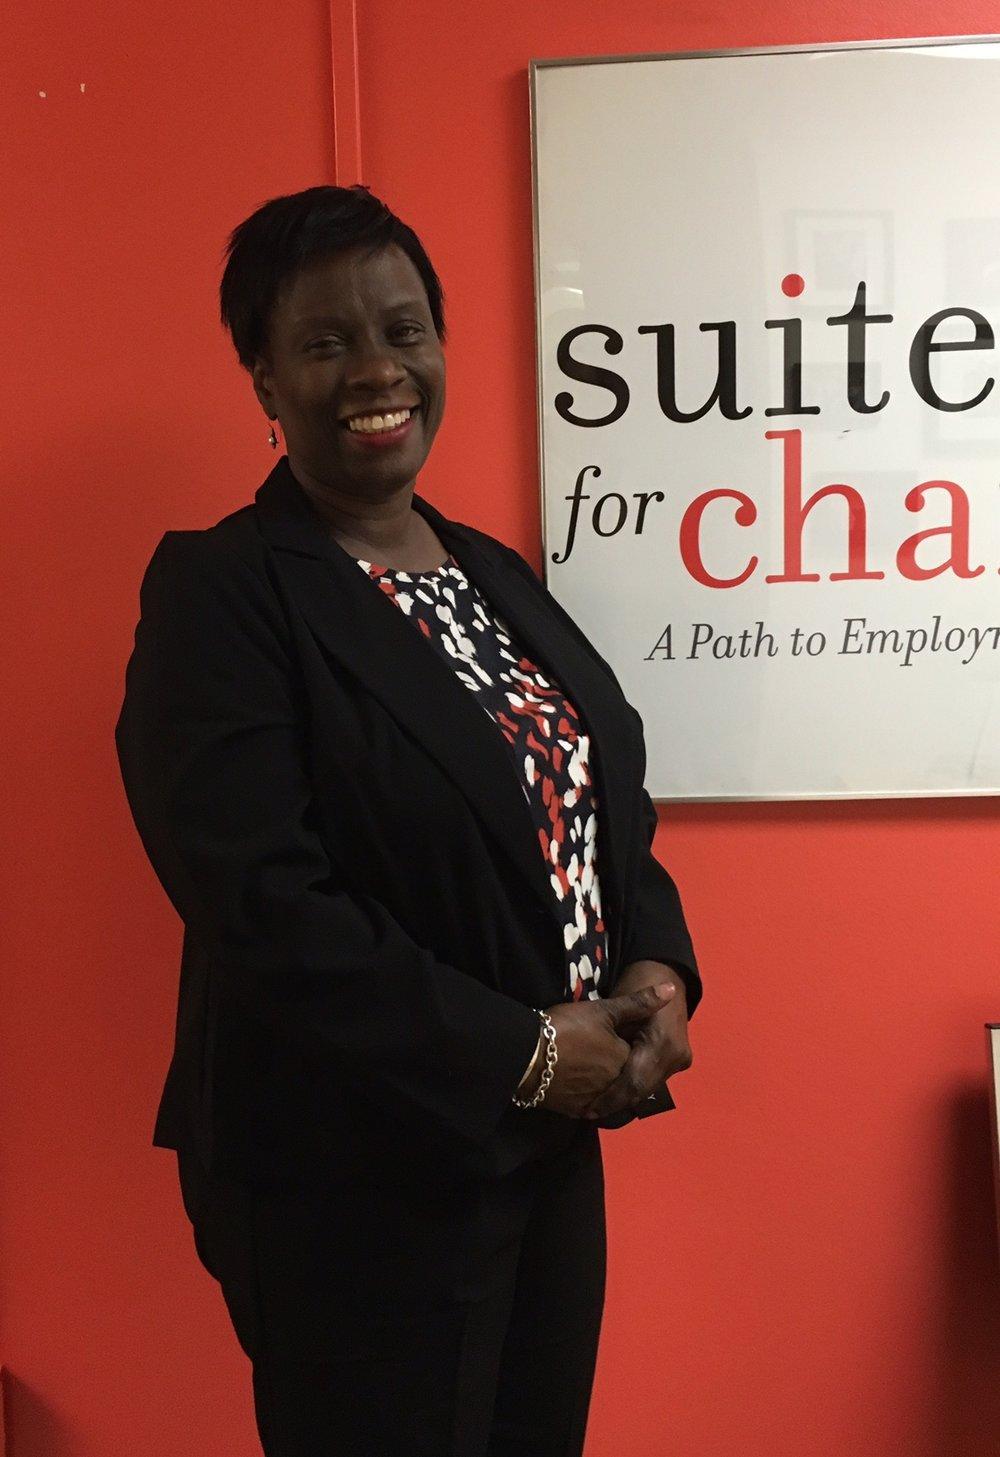 Client at Suited for Success (Washington, D.C.)